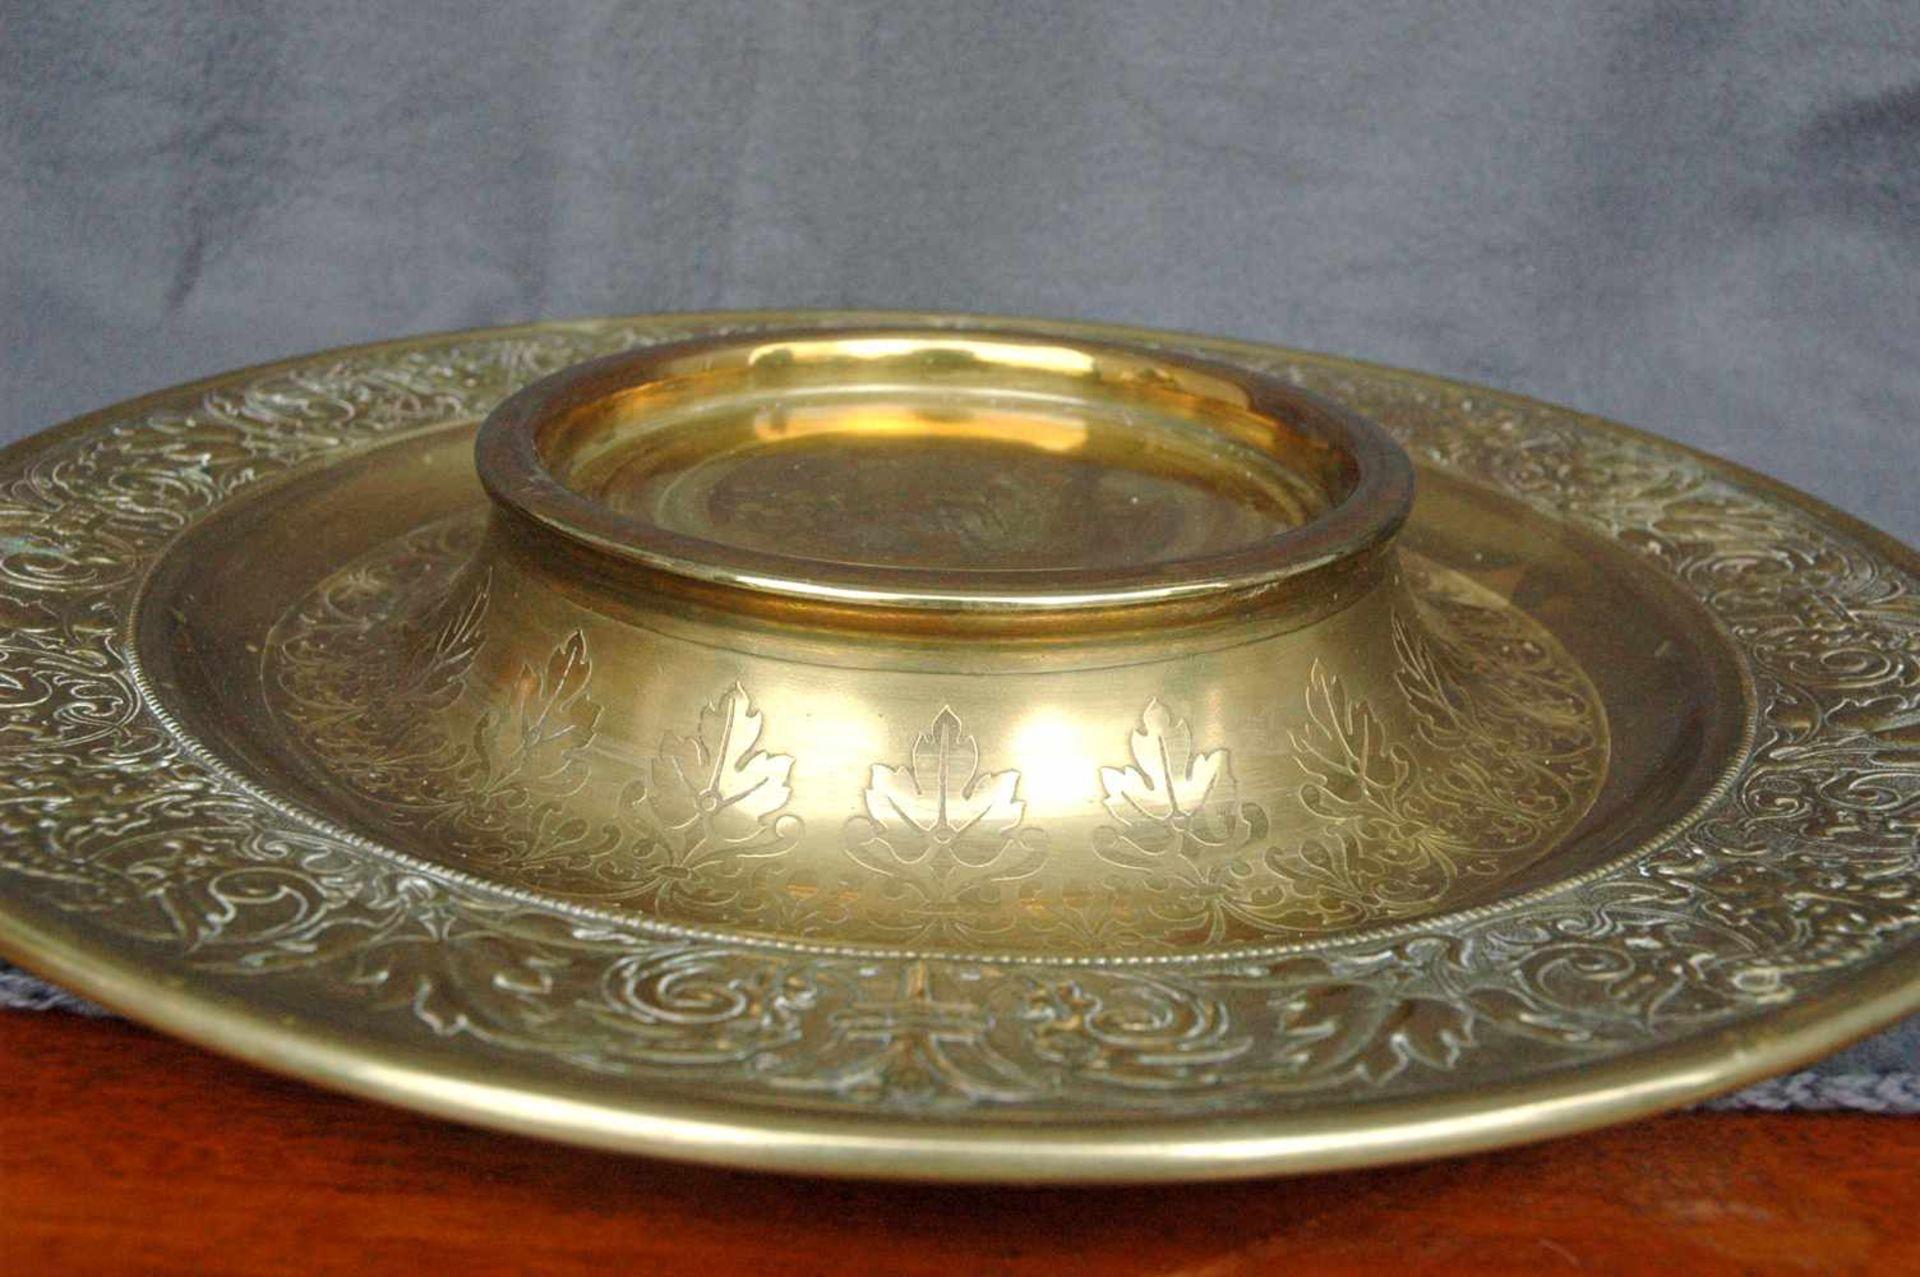 Bowlengefäß, Messing, bernsteinfarbenes Glas mit vier Gläsern - Bild 5 aus 5